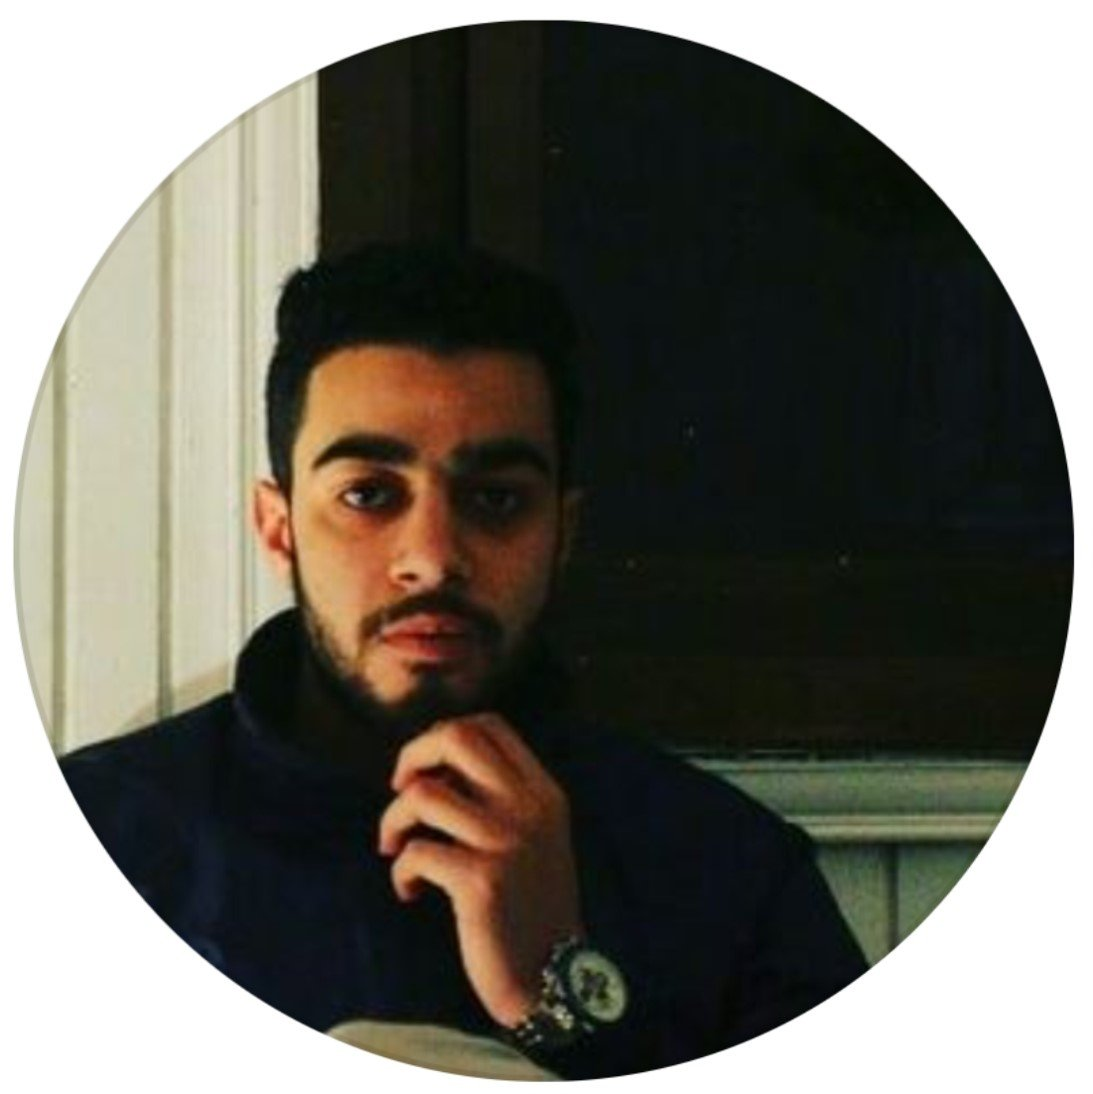 Hassan Zidan